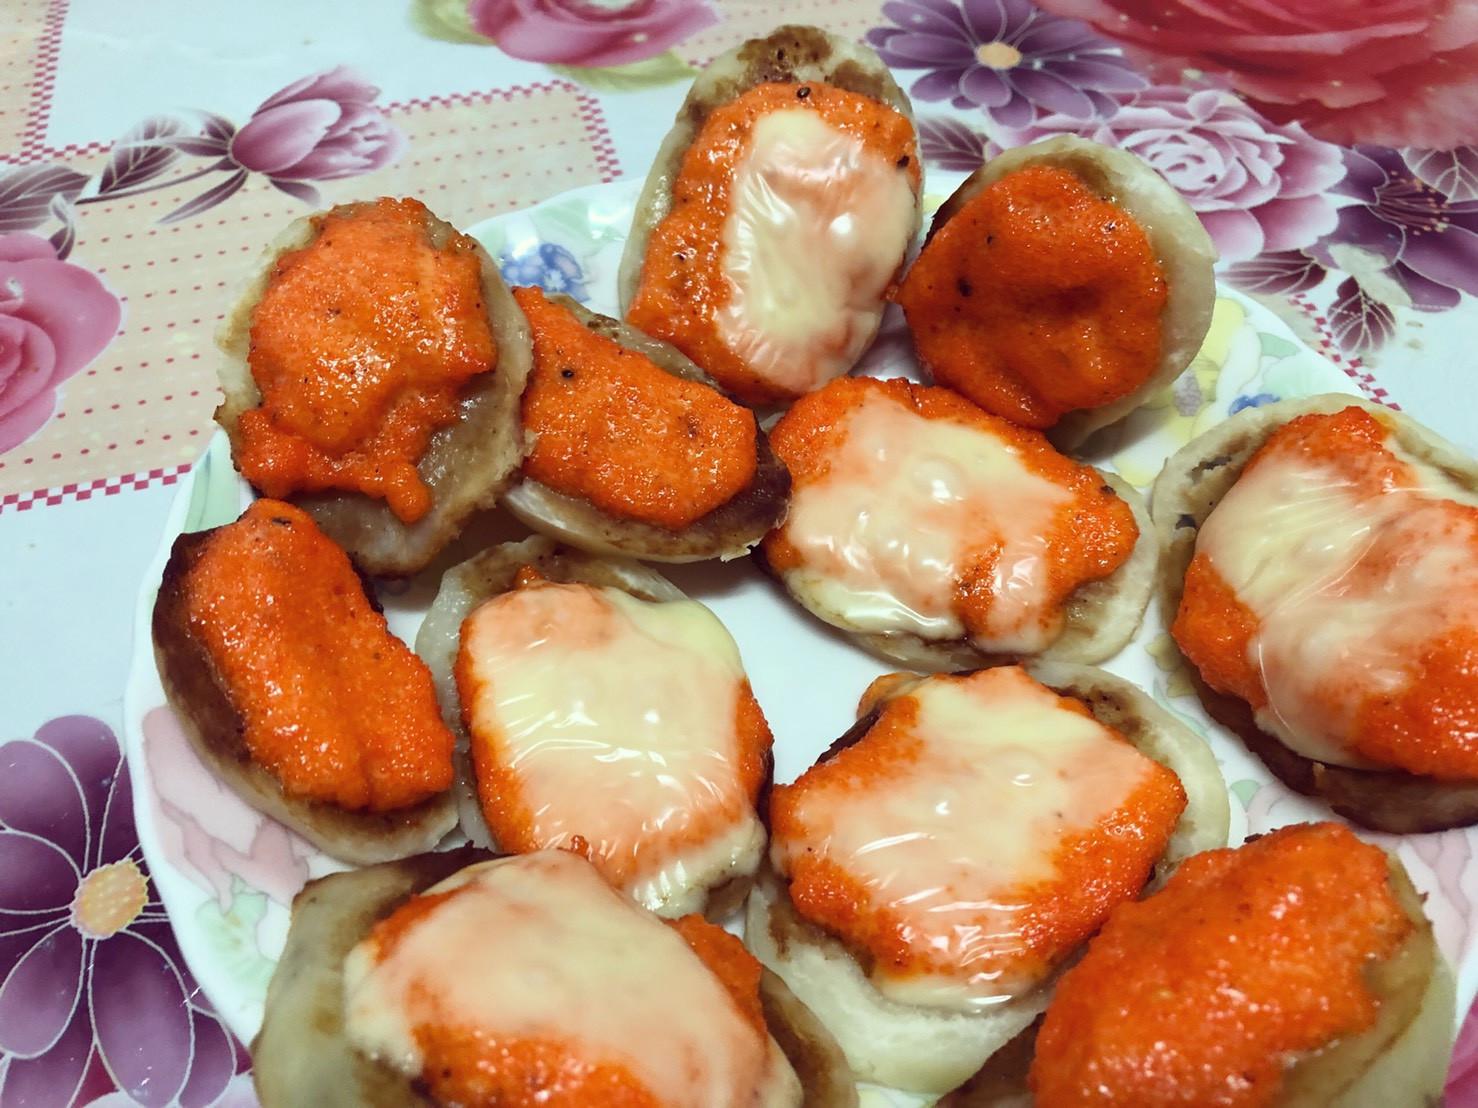 無火料理_明太子醬烤馬鈴薯